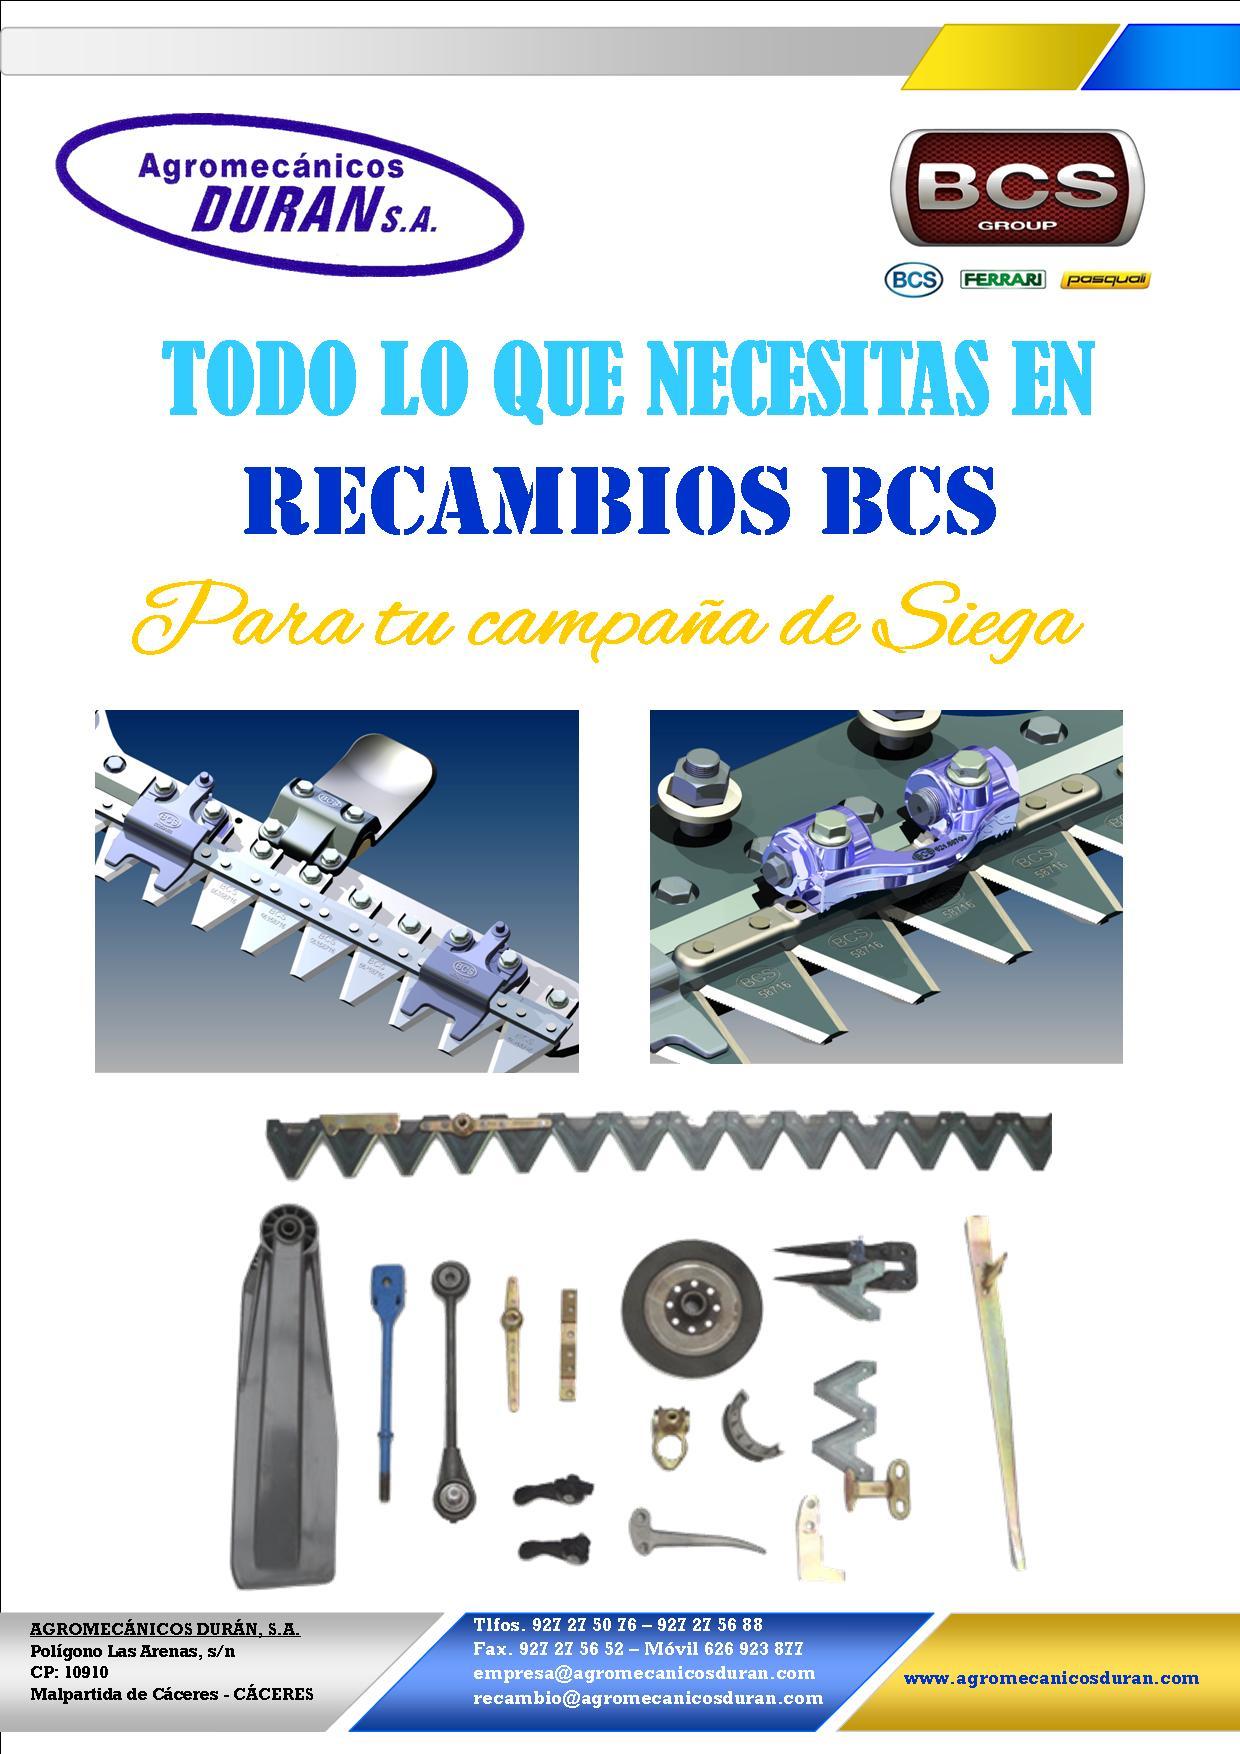 PEQUEÑOS PRECIOS EN RECAMBIOS ORIGINALES BCS